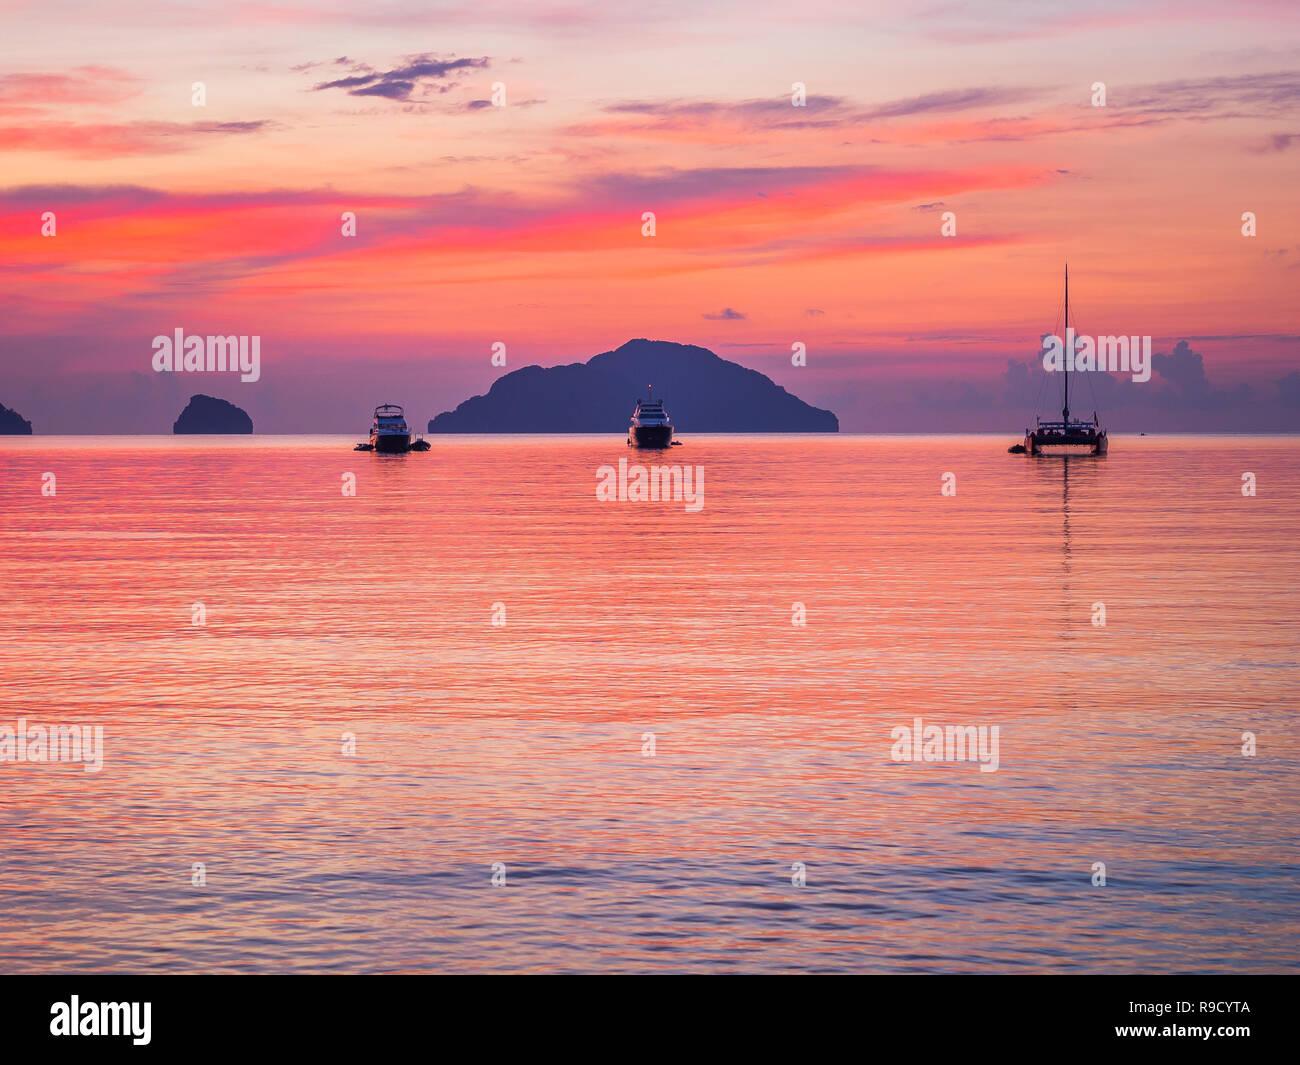 Tres barcos amarrados en la bahía tranquila al atardecer, cielo rojo, tranquilo, perfecto para el fondo de la escena Foto de stock